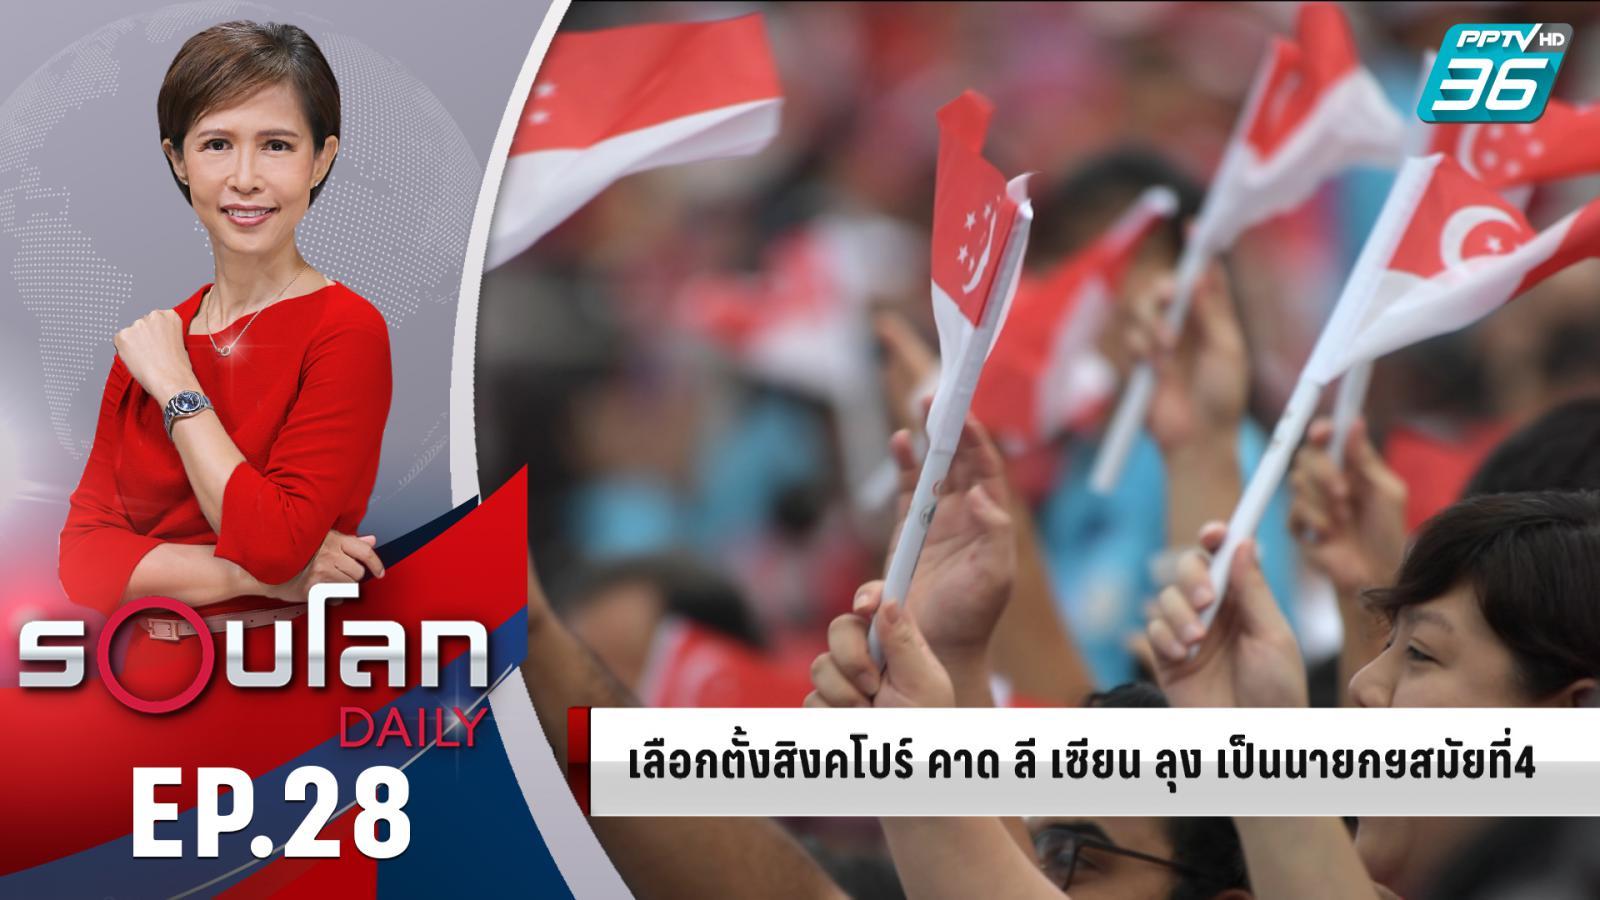 เลือกตั้งสิงคโปร์ คาด ลี เซียน ลุง เป็นนายกรัฐมนตรีสมัยที่ 4